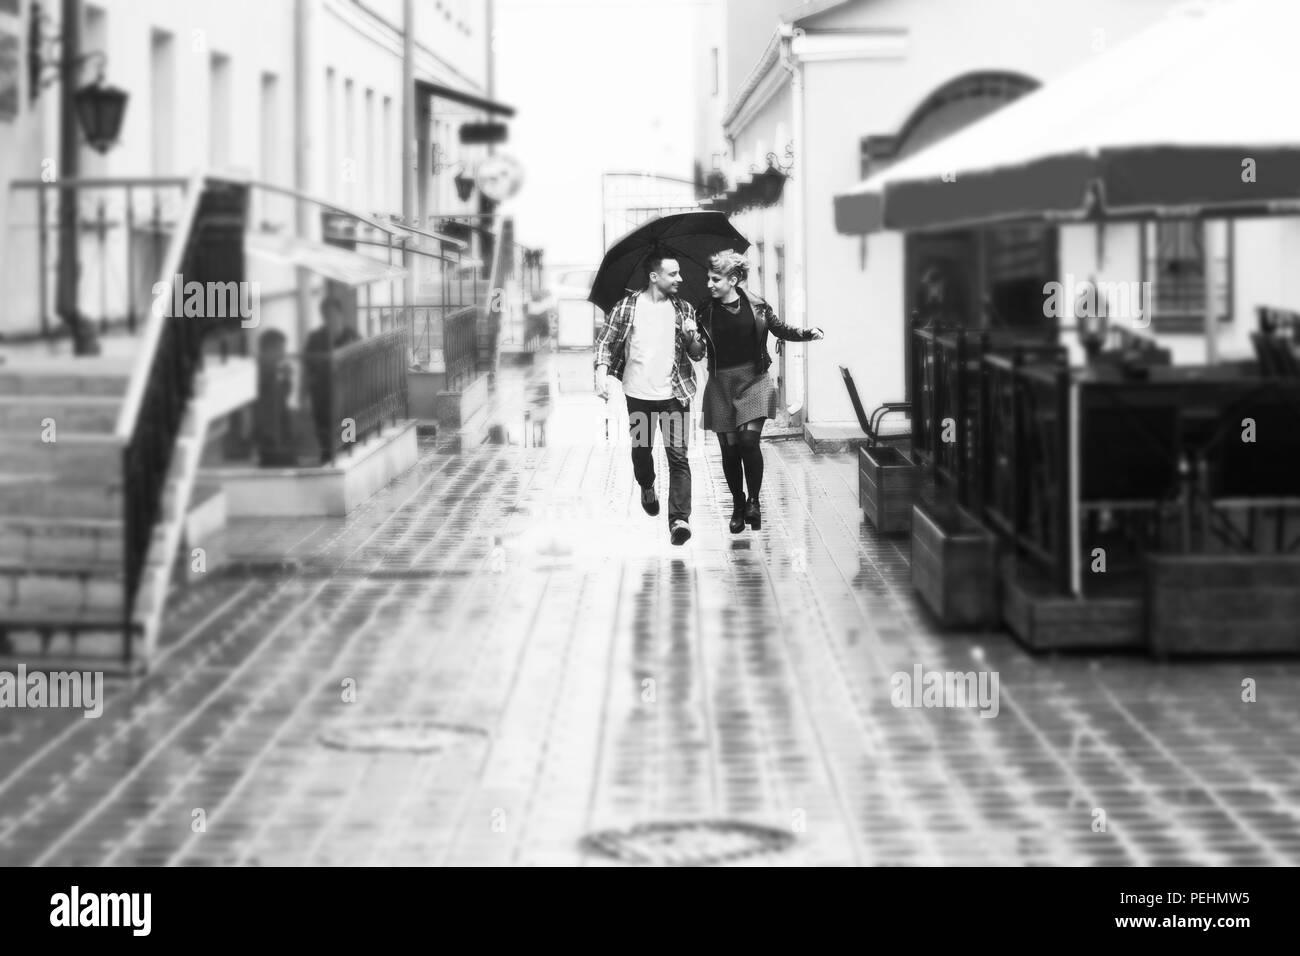 Concetto di amore: amare giovane sotto un ombrello camminando per le strade della città.in bianco e nero la foto in stile retrò Foto Stock